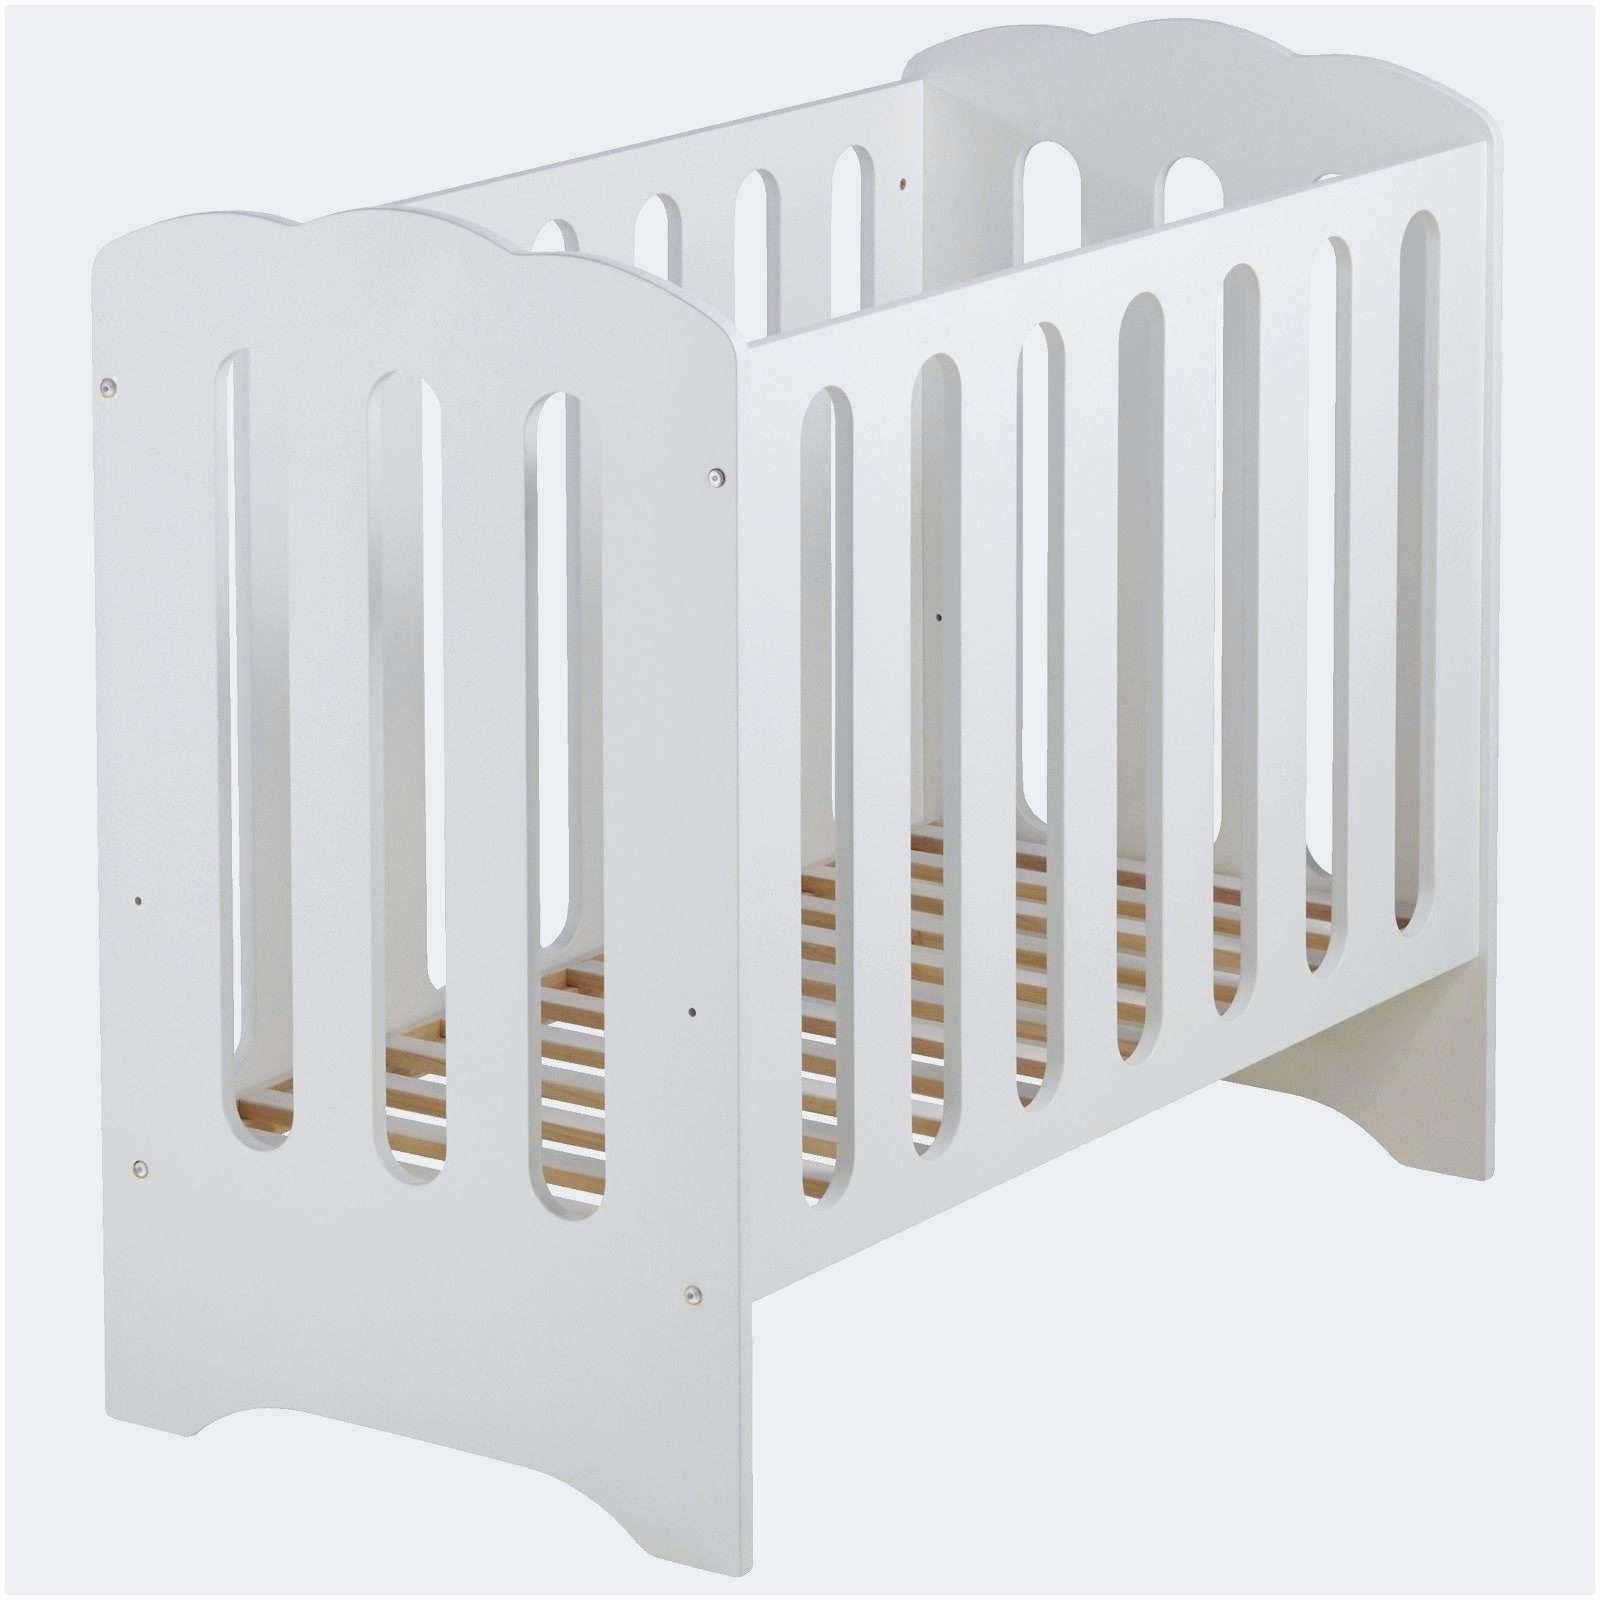 Ikea Lit 120×190 Frais Elégant Matras 120—200 Ikea Luxe Jugendbett 120—200 Ikea Frisch Lit